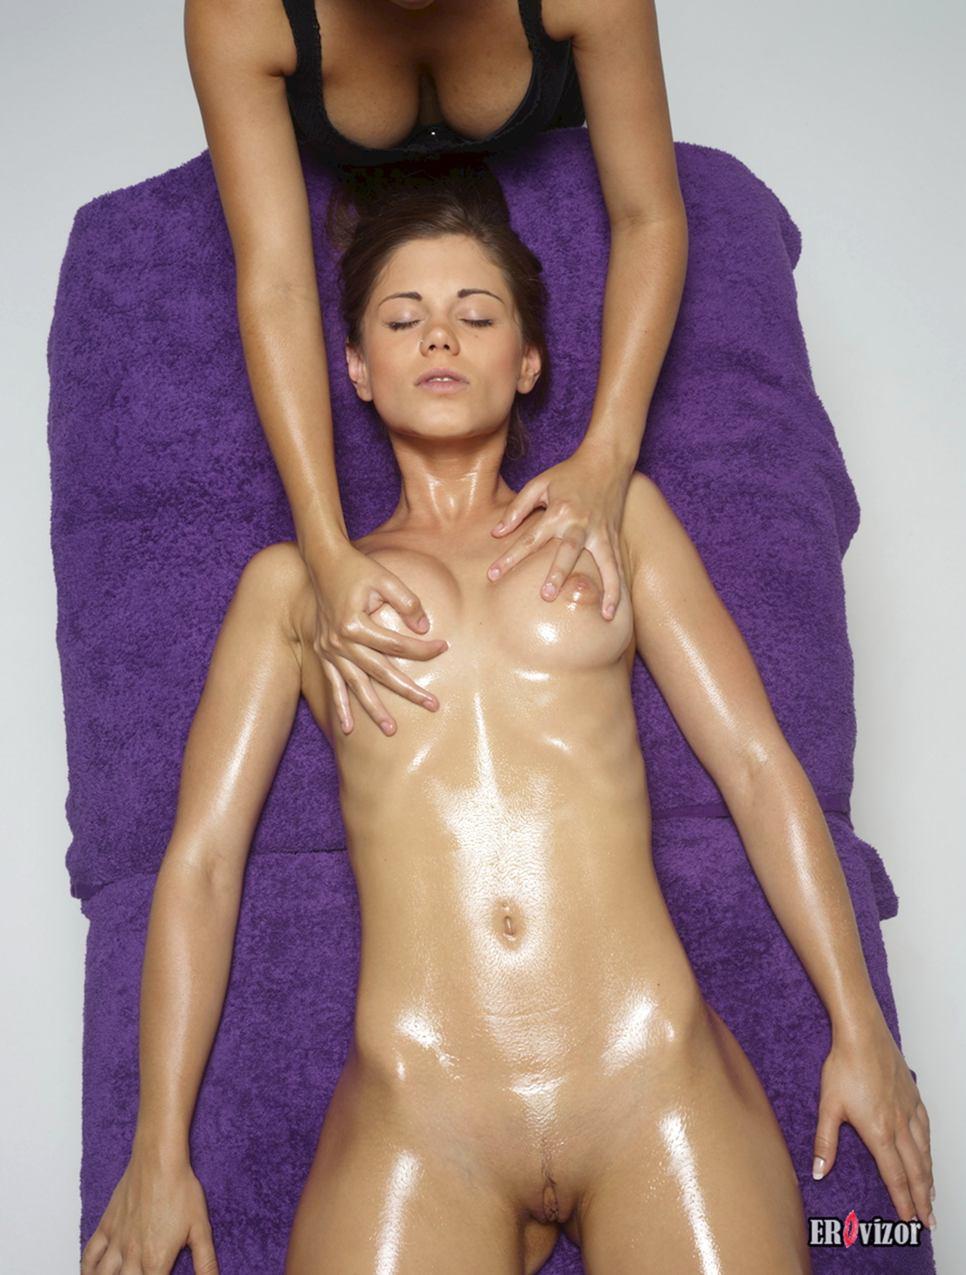 massage naked girl pussy (9)